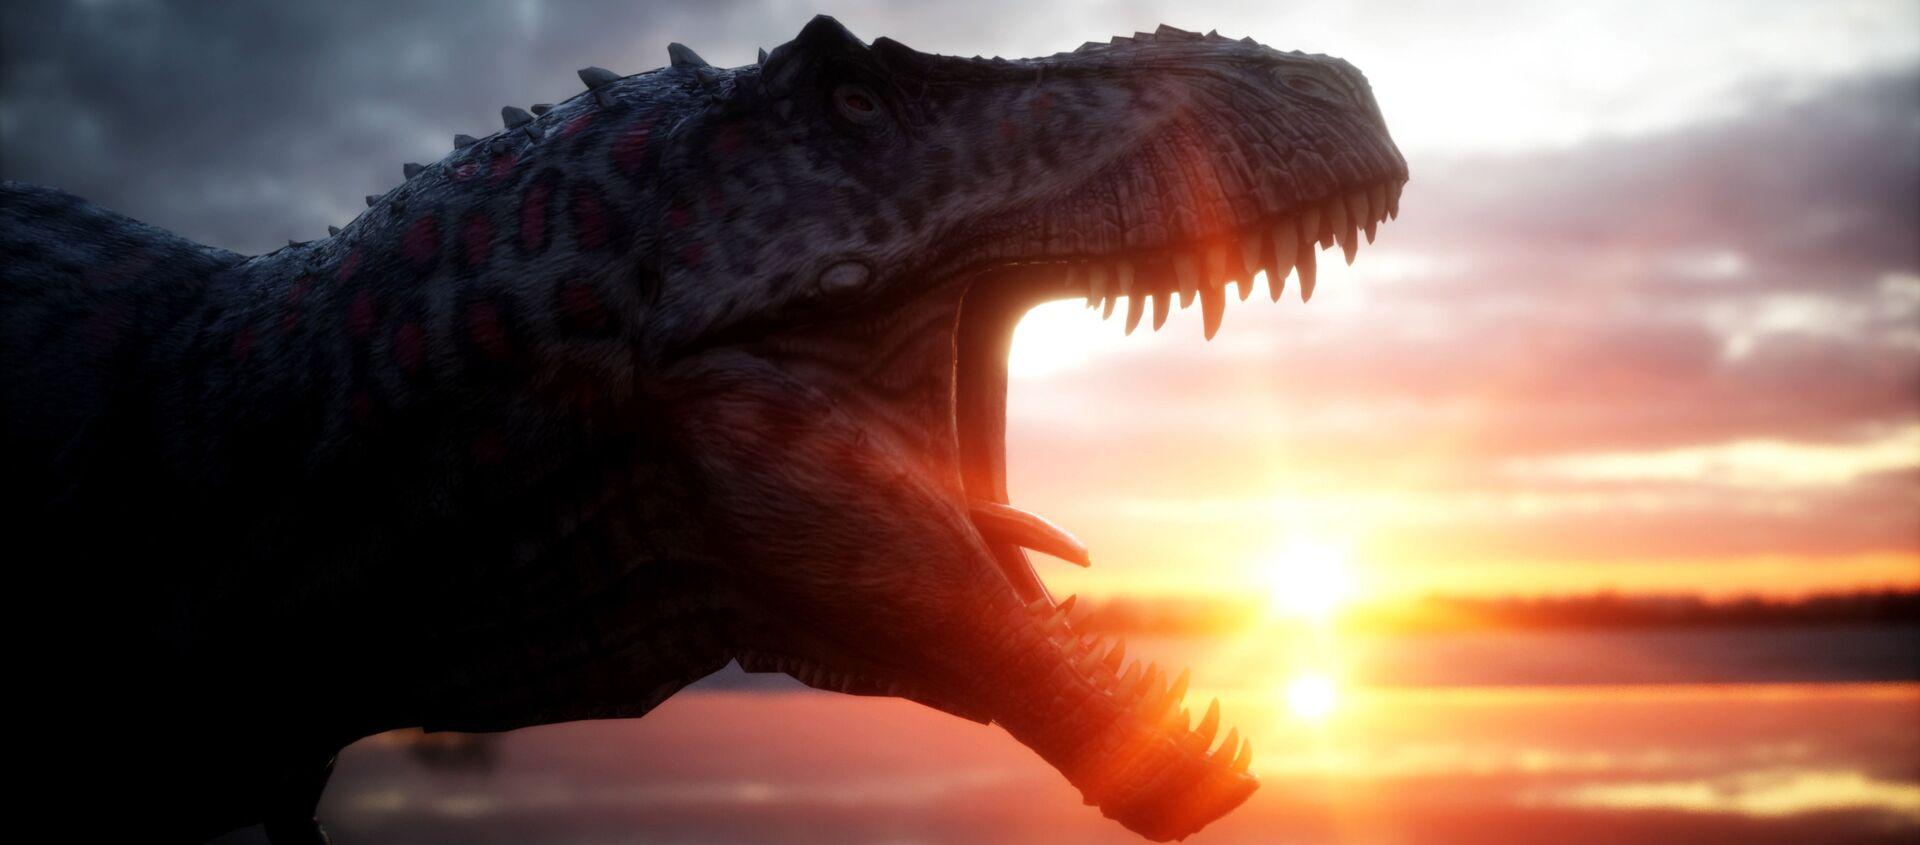 Динозавр на фоне заката - Sputnik 日本, 1920, 19.11.2020